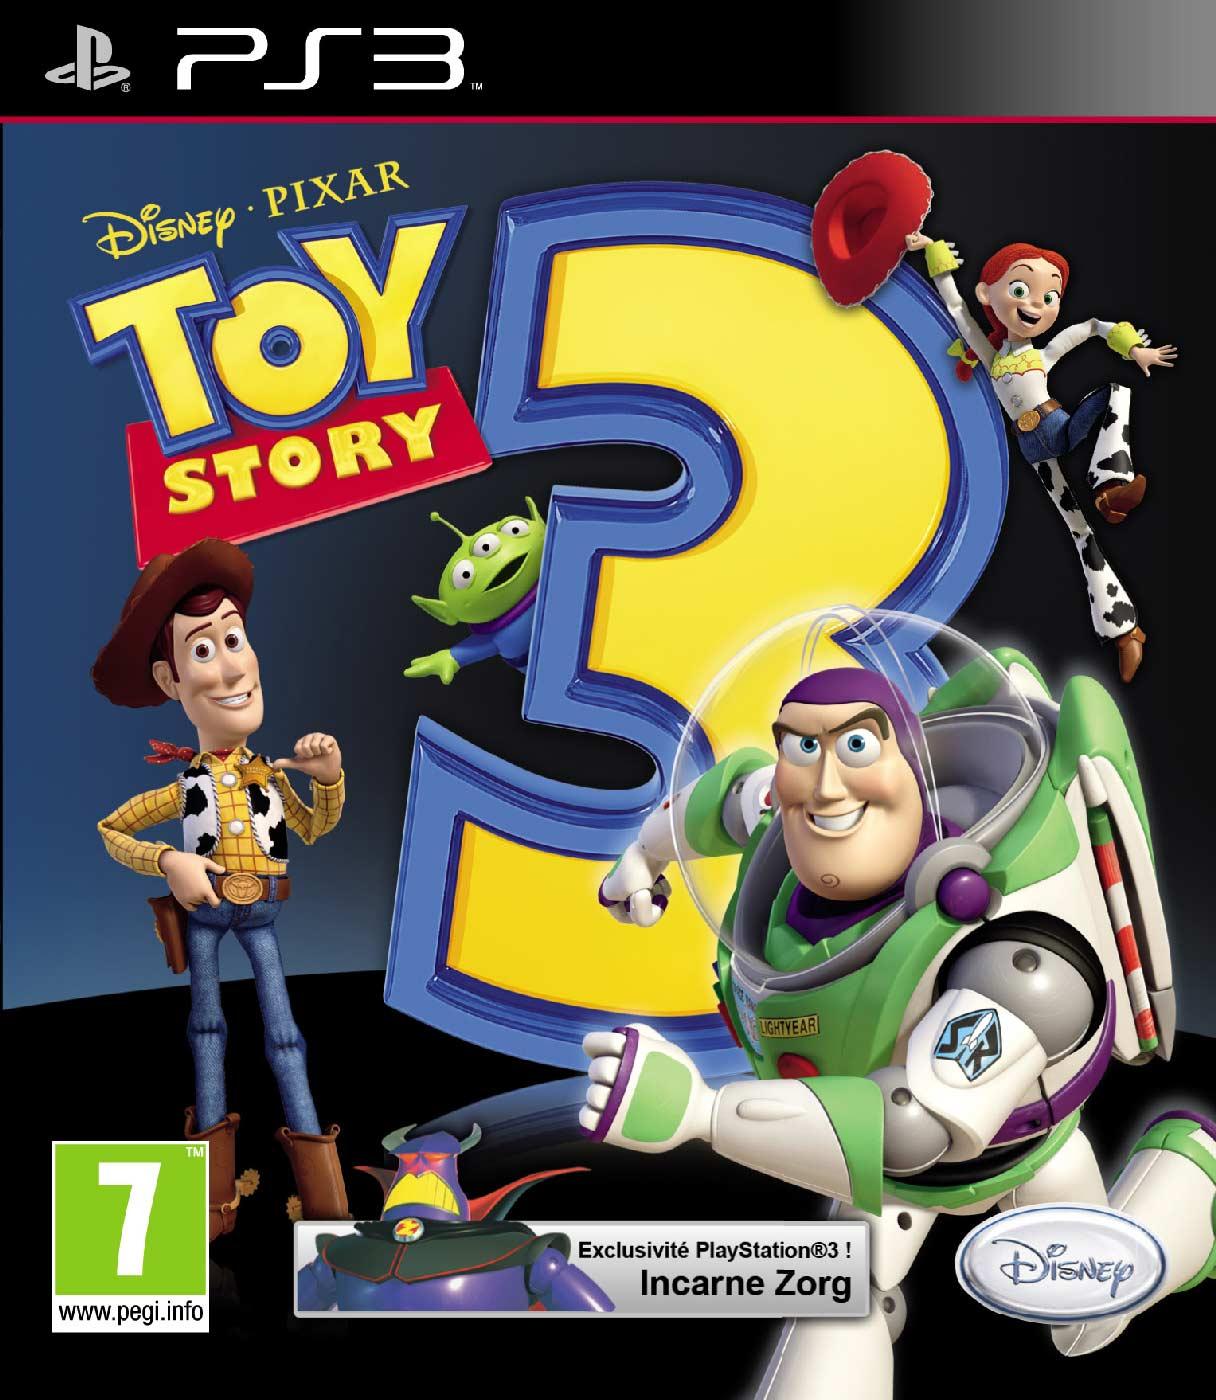 Couverture du jeu vidéo Toy story 3